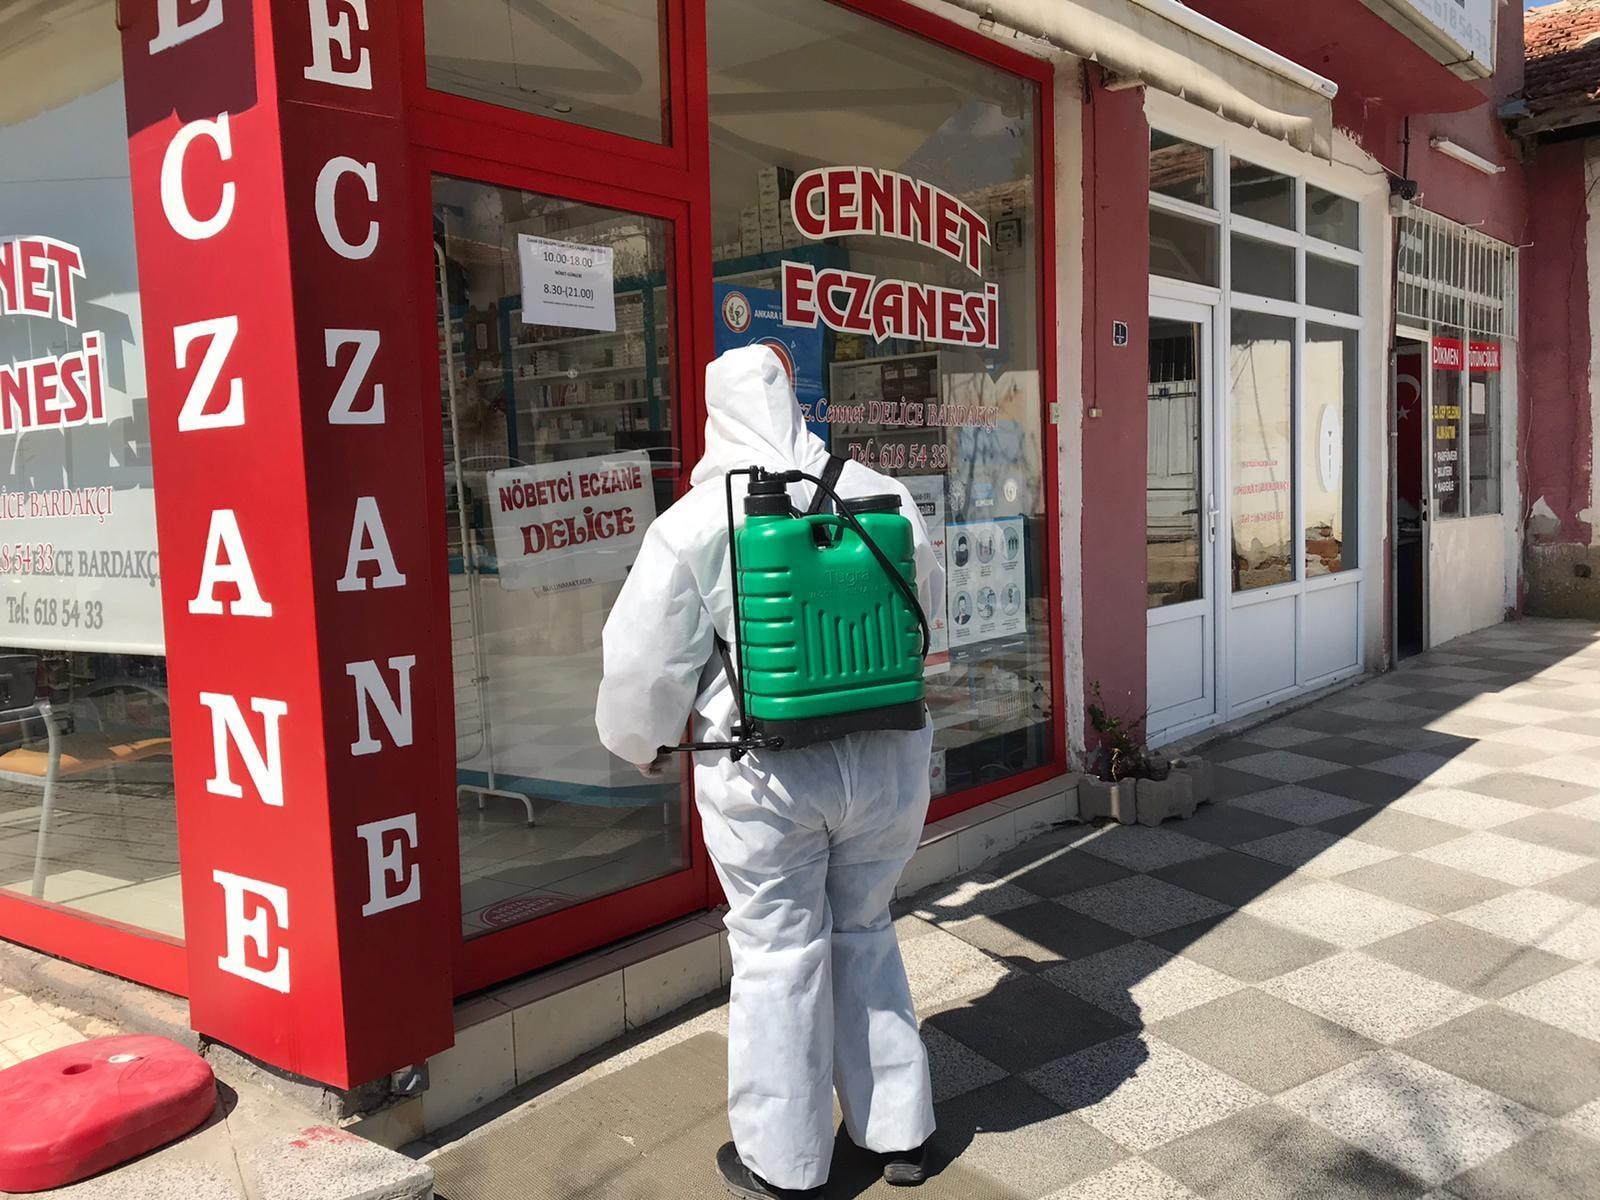 Delice'de ücretsiz maske dağıtıldı 4 - Delice'de ücretsiz maske dağıtıldı